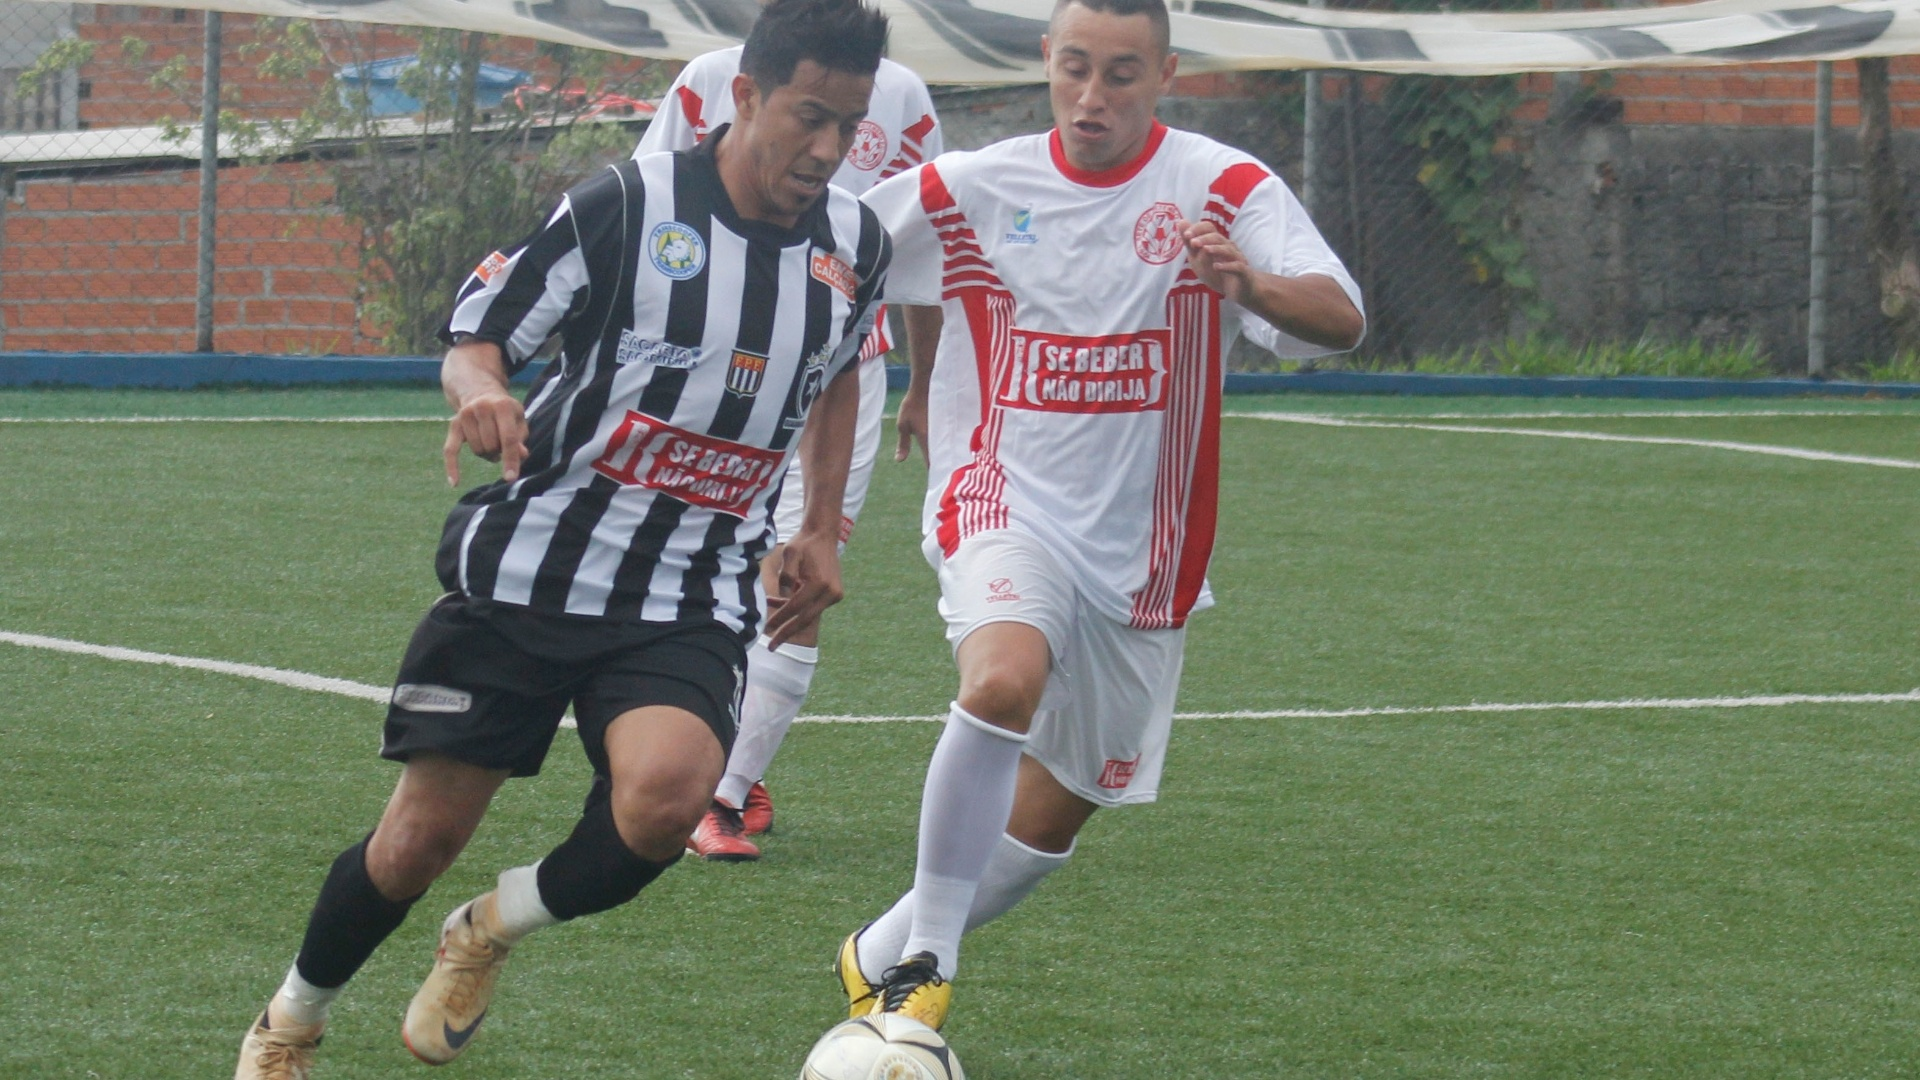 Sete de Setembro (branco) e Botafogo (preto e branco) ficaram no empate sem gols